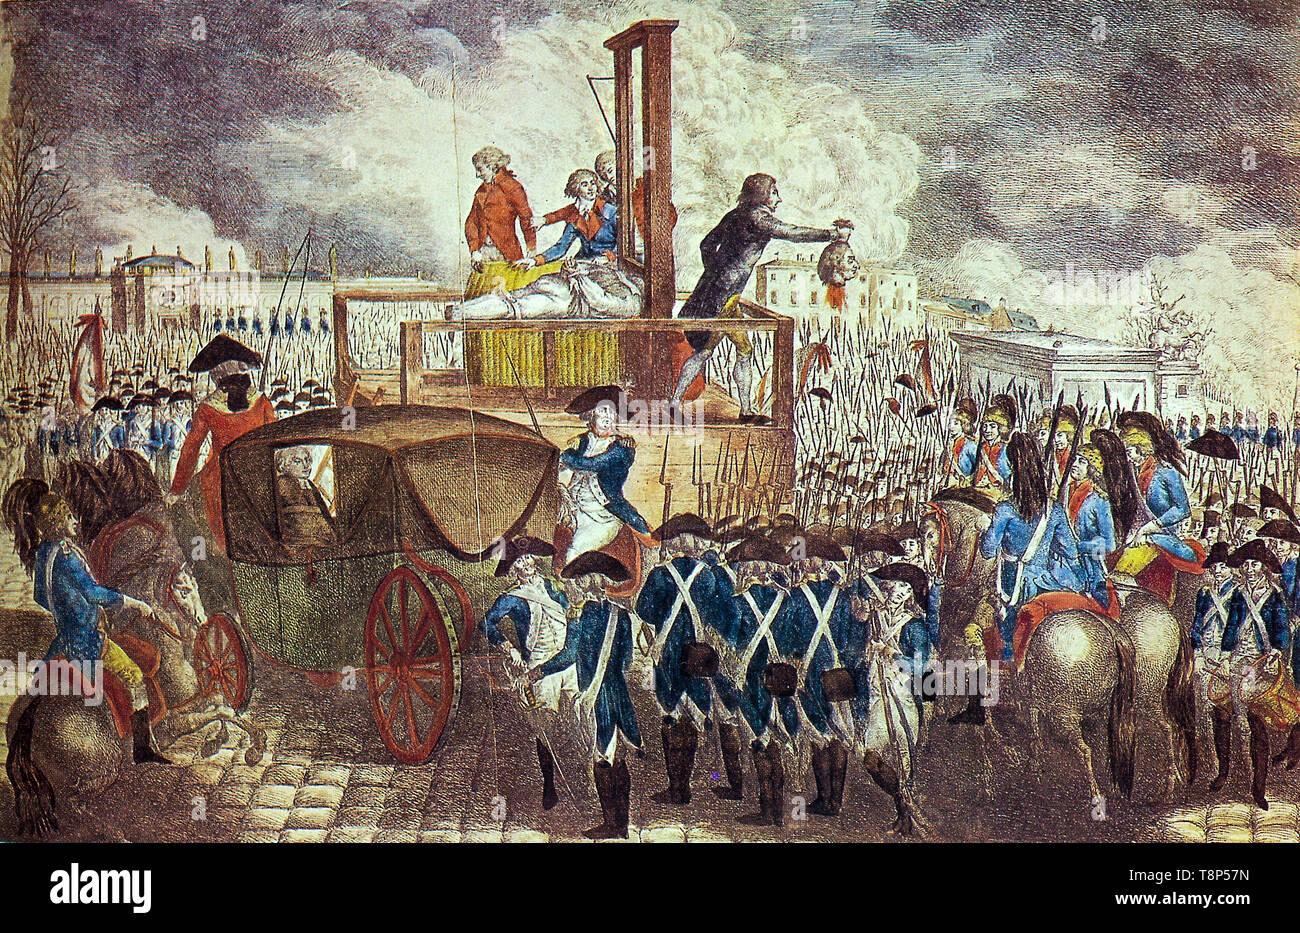 Rivoluzione francese. La morte di Luigi XVI. Esecuzione di Louis XVI Sulla ghigliottina, incisione su rame di Georg Heinrich Sieveking, 1793 Immagini Stock